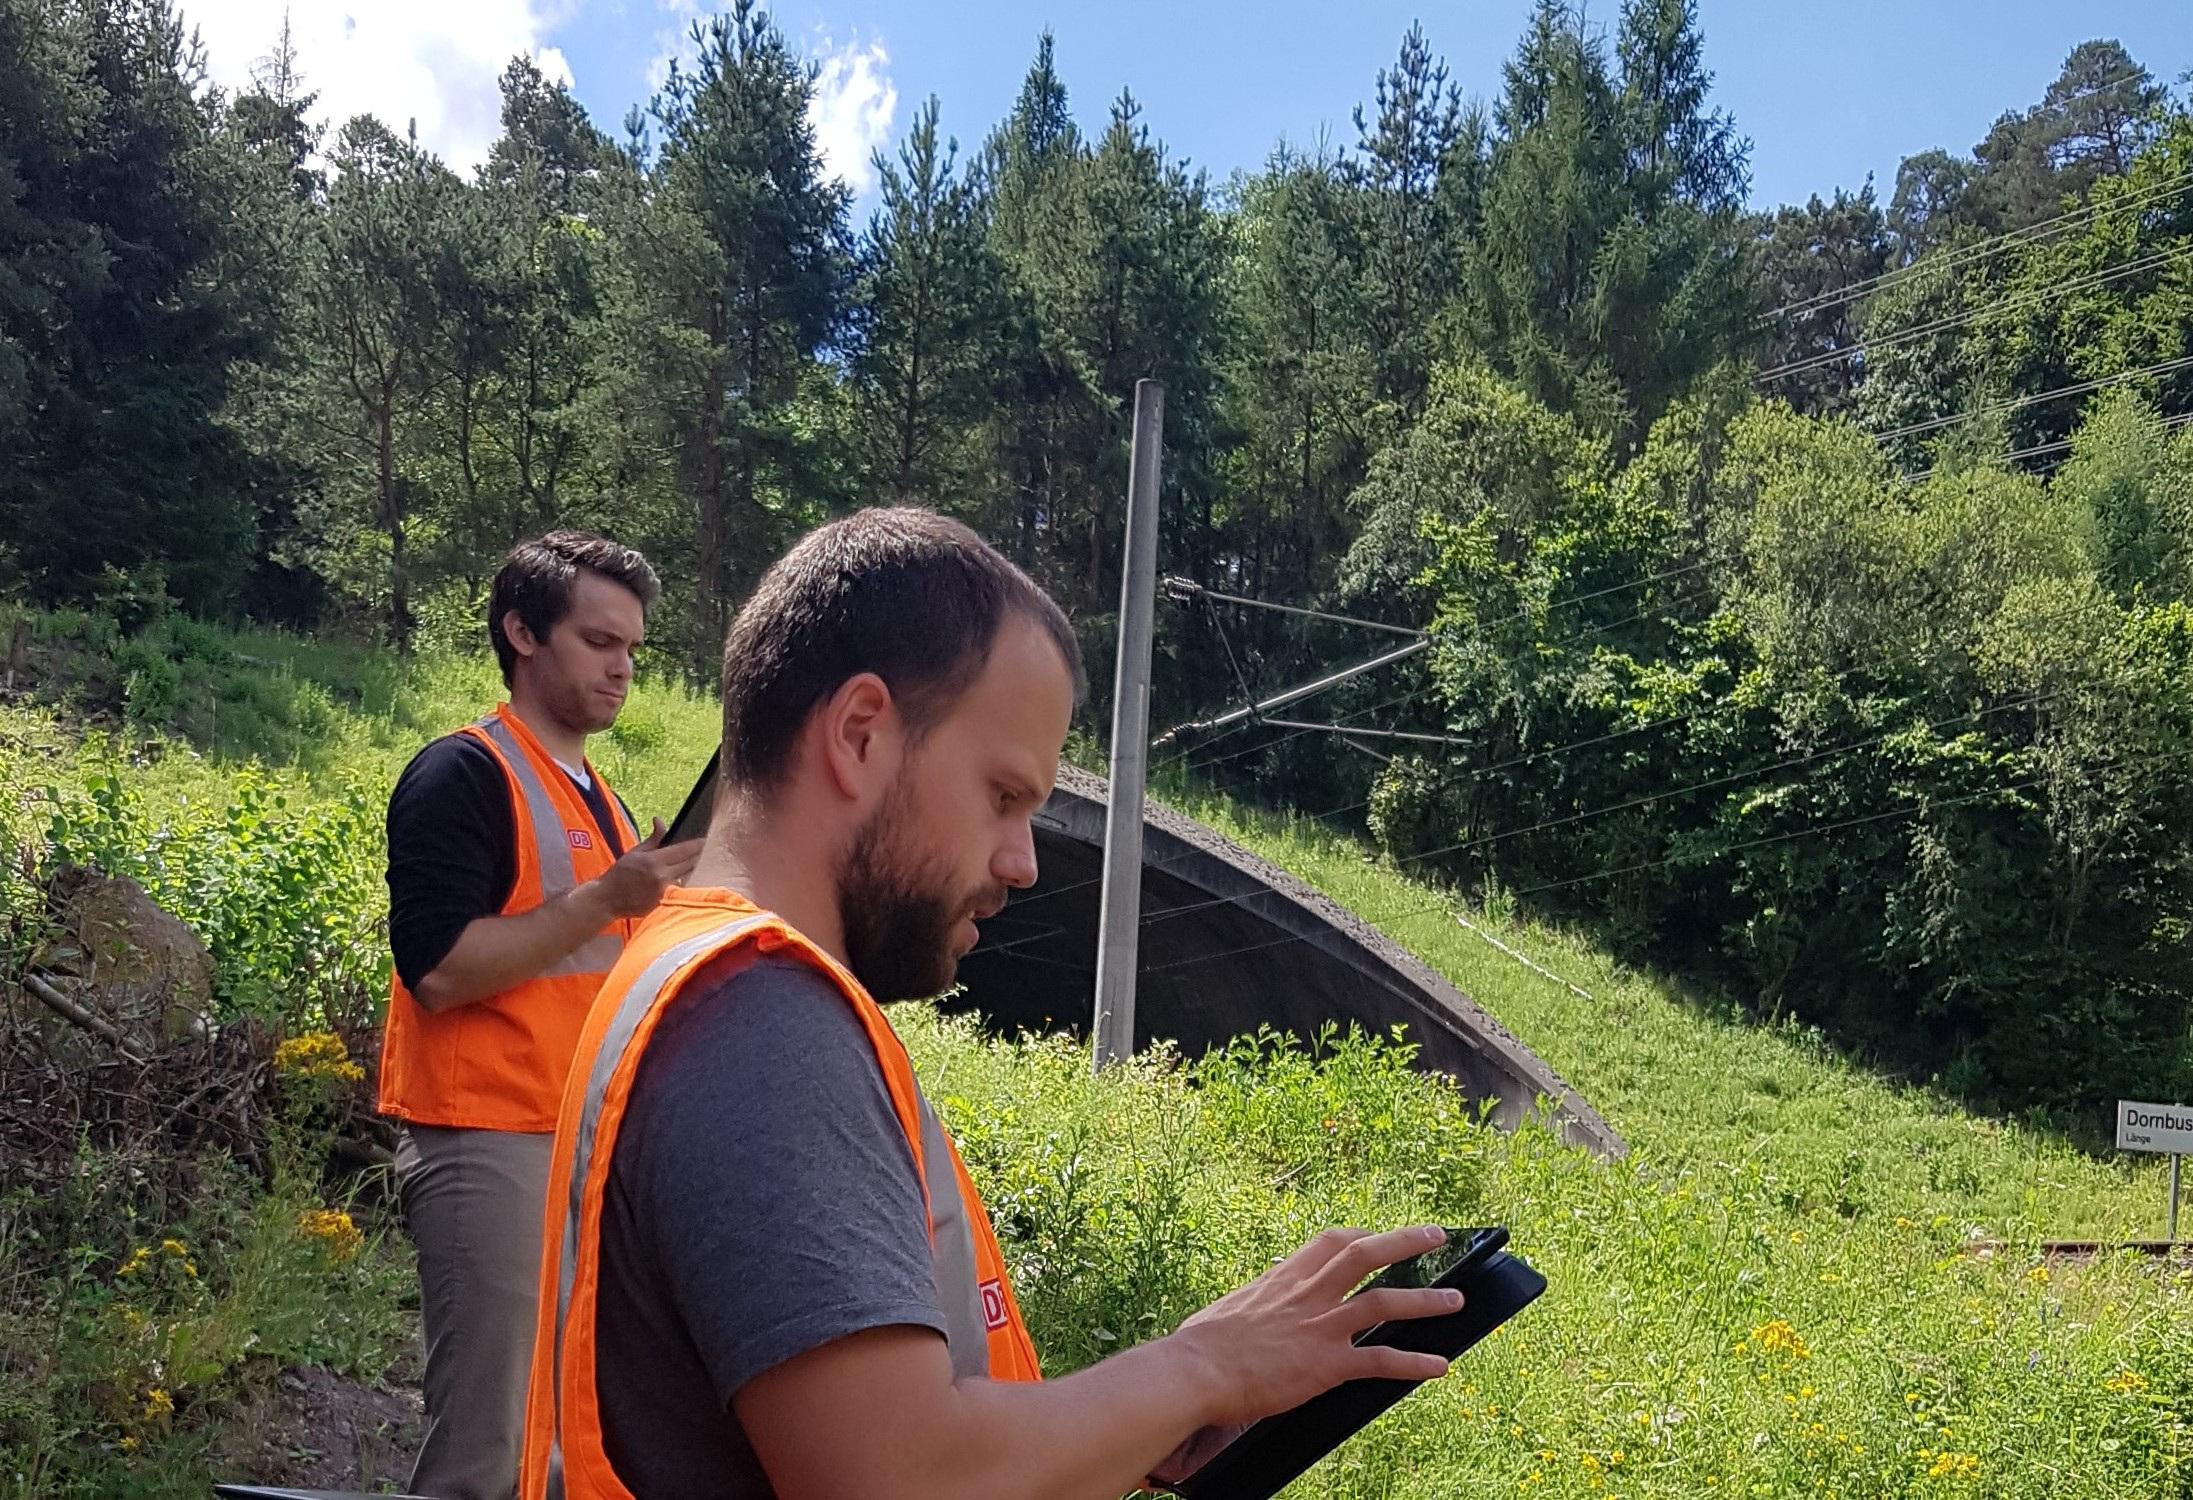 Vegetation management at Deutsche Bahn